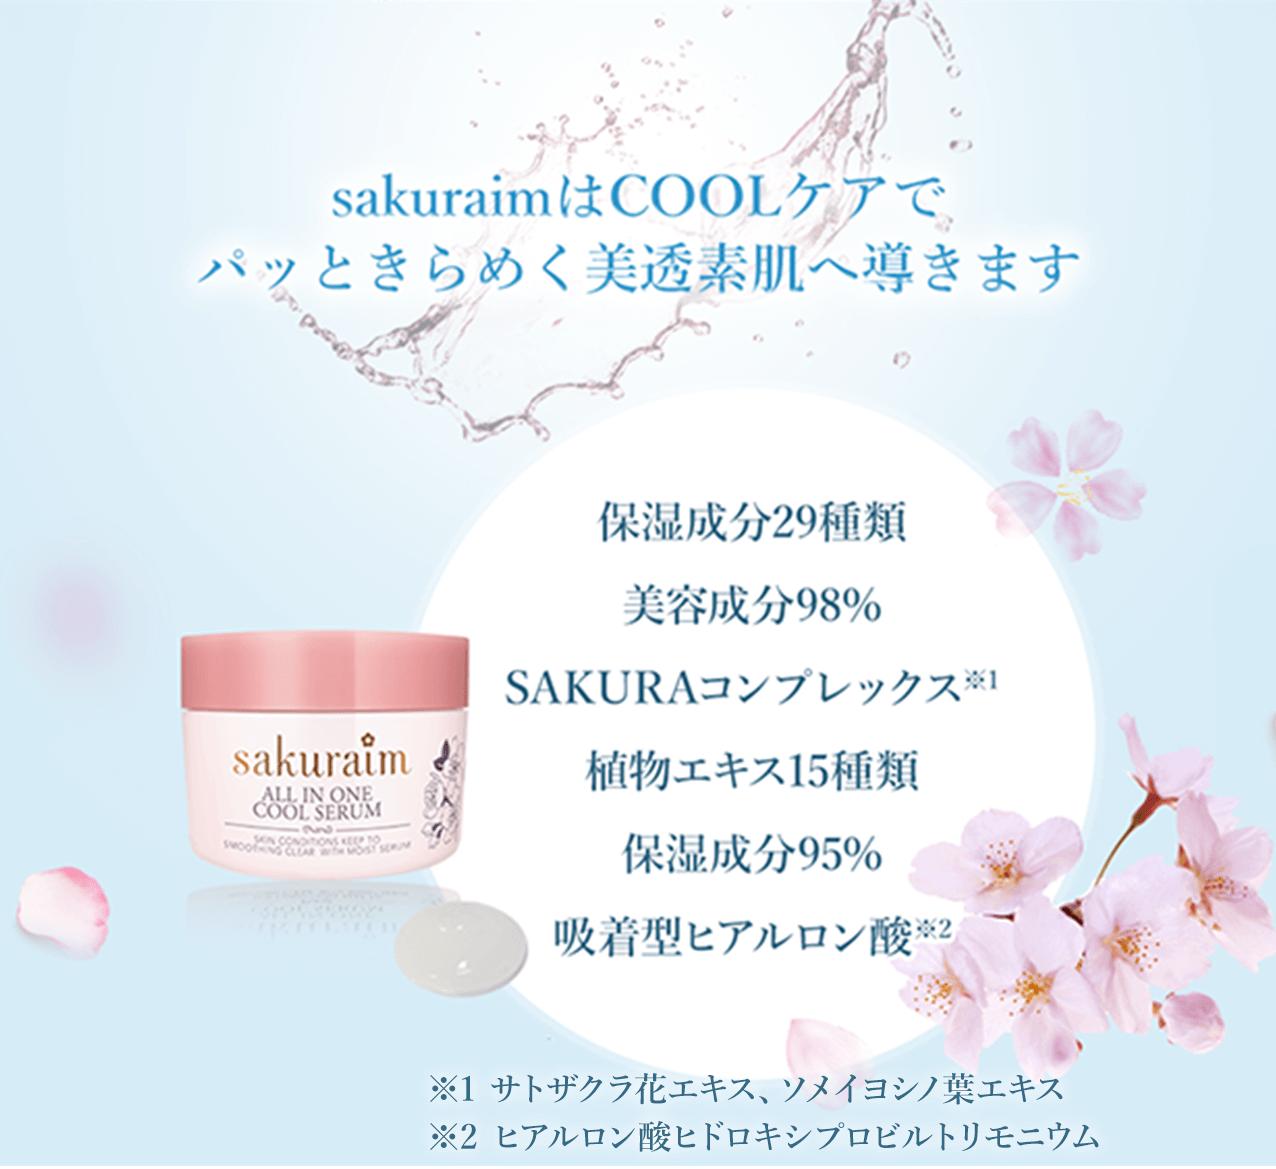 sakuraimはCOOLケアでパッときらめく美透素肌へ導きます 美容成分23種類 美容成分96.5% SAKURAコンプレックス※1 植物エキス15種類 保湿成分22種類 吸着型ヒアルロン酸※2